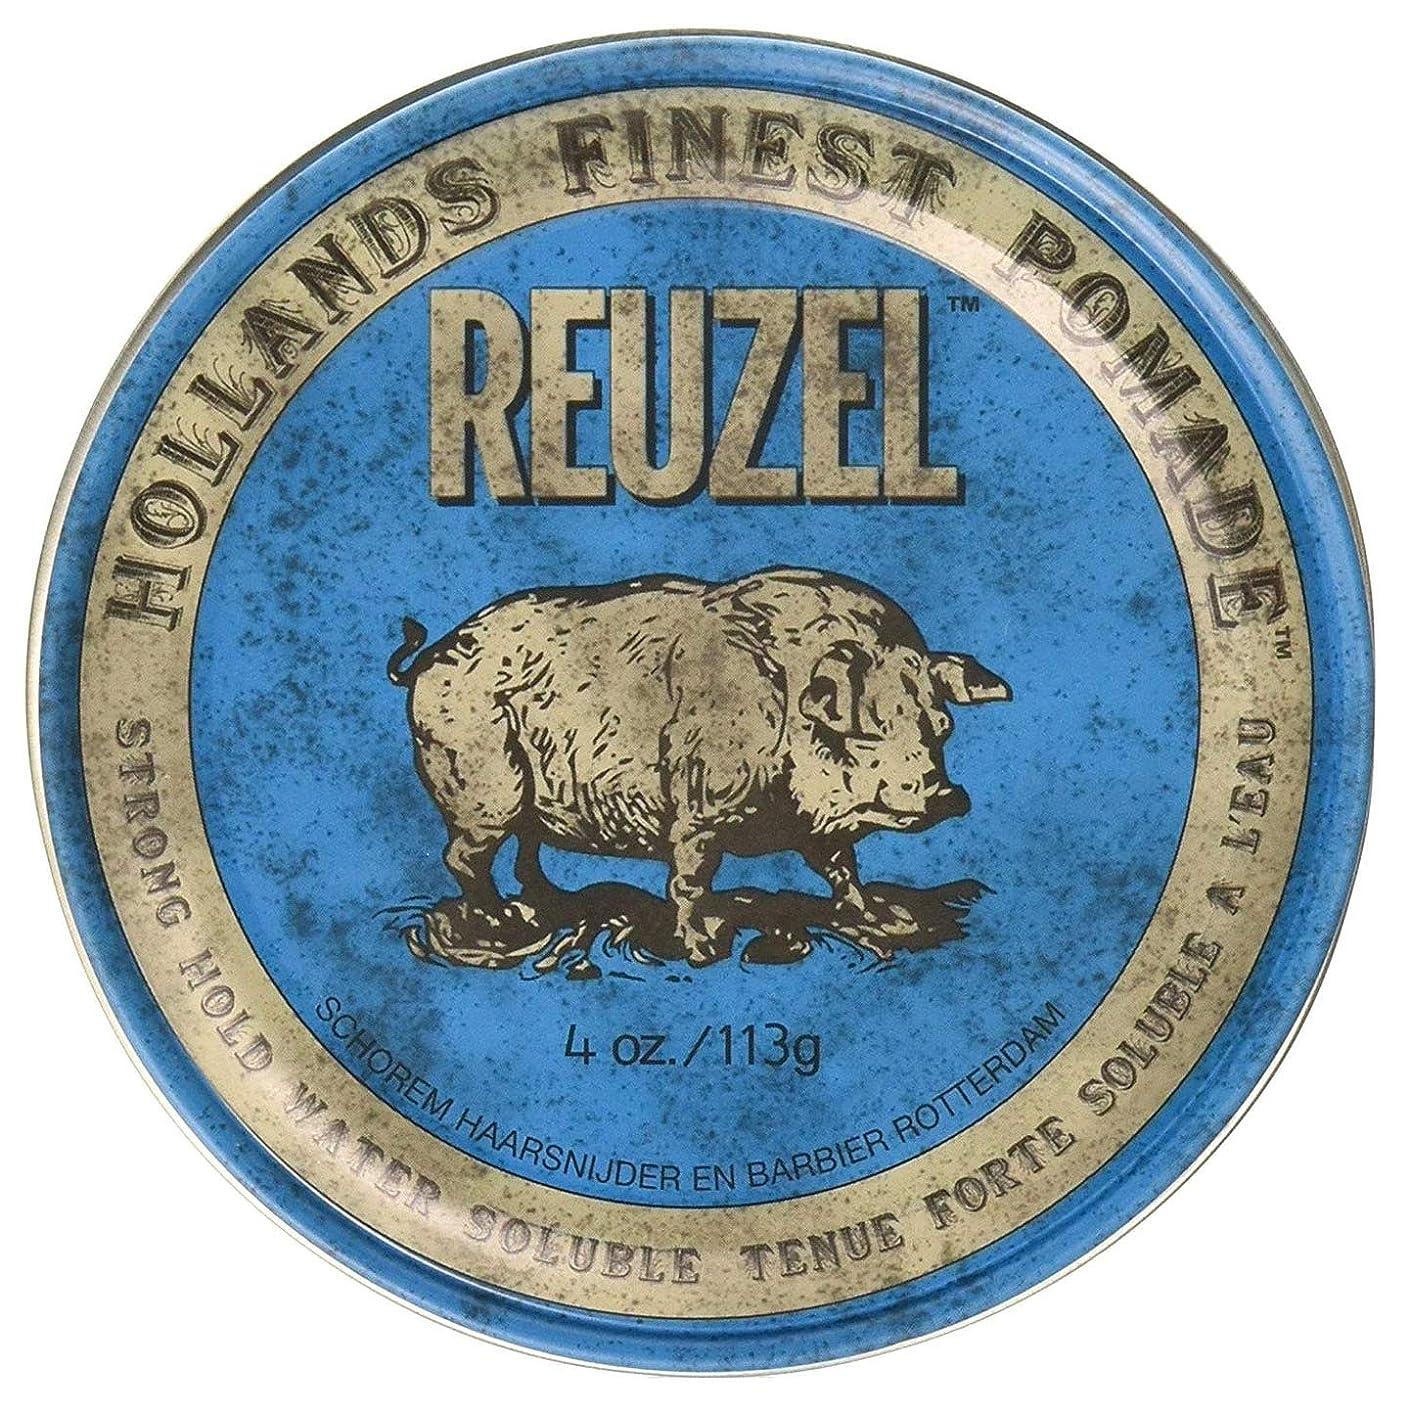 バンジージャンプ私たちの酒ルーゾー ブル ストロングホールド ハイシーン ポマード Reuzel Blue Strong Hold Water Soluble High Sheen Pomade 113 g [並行輸入品]